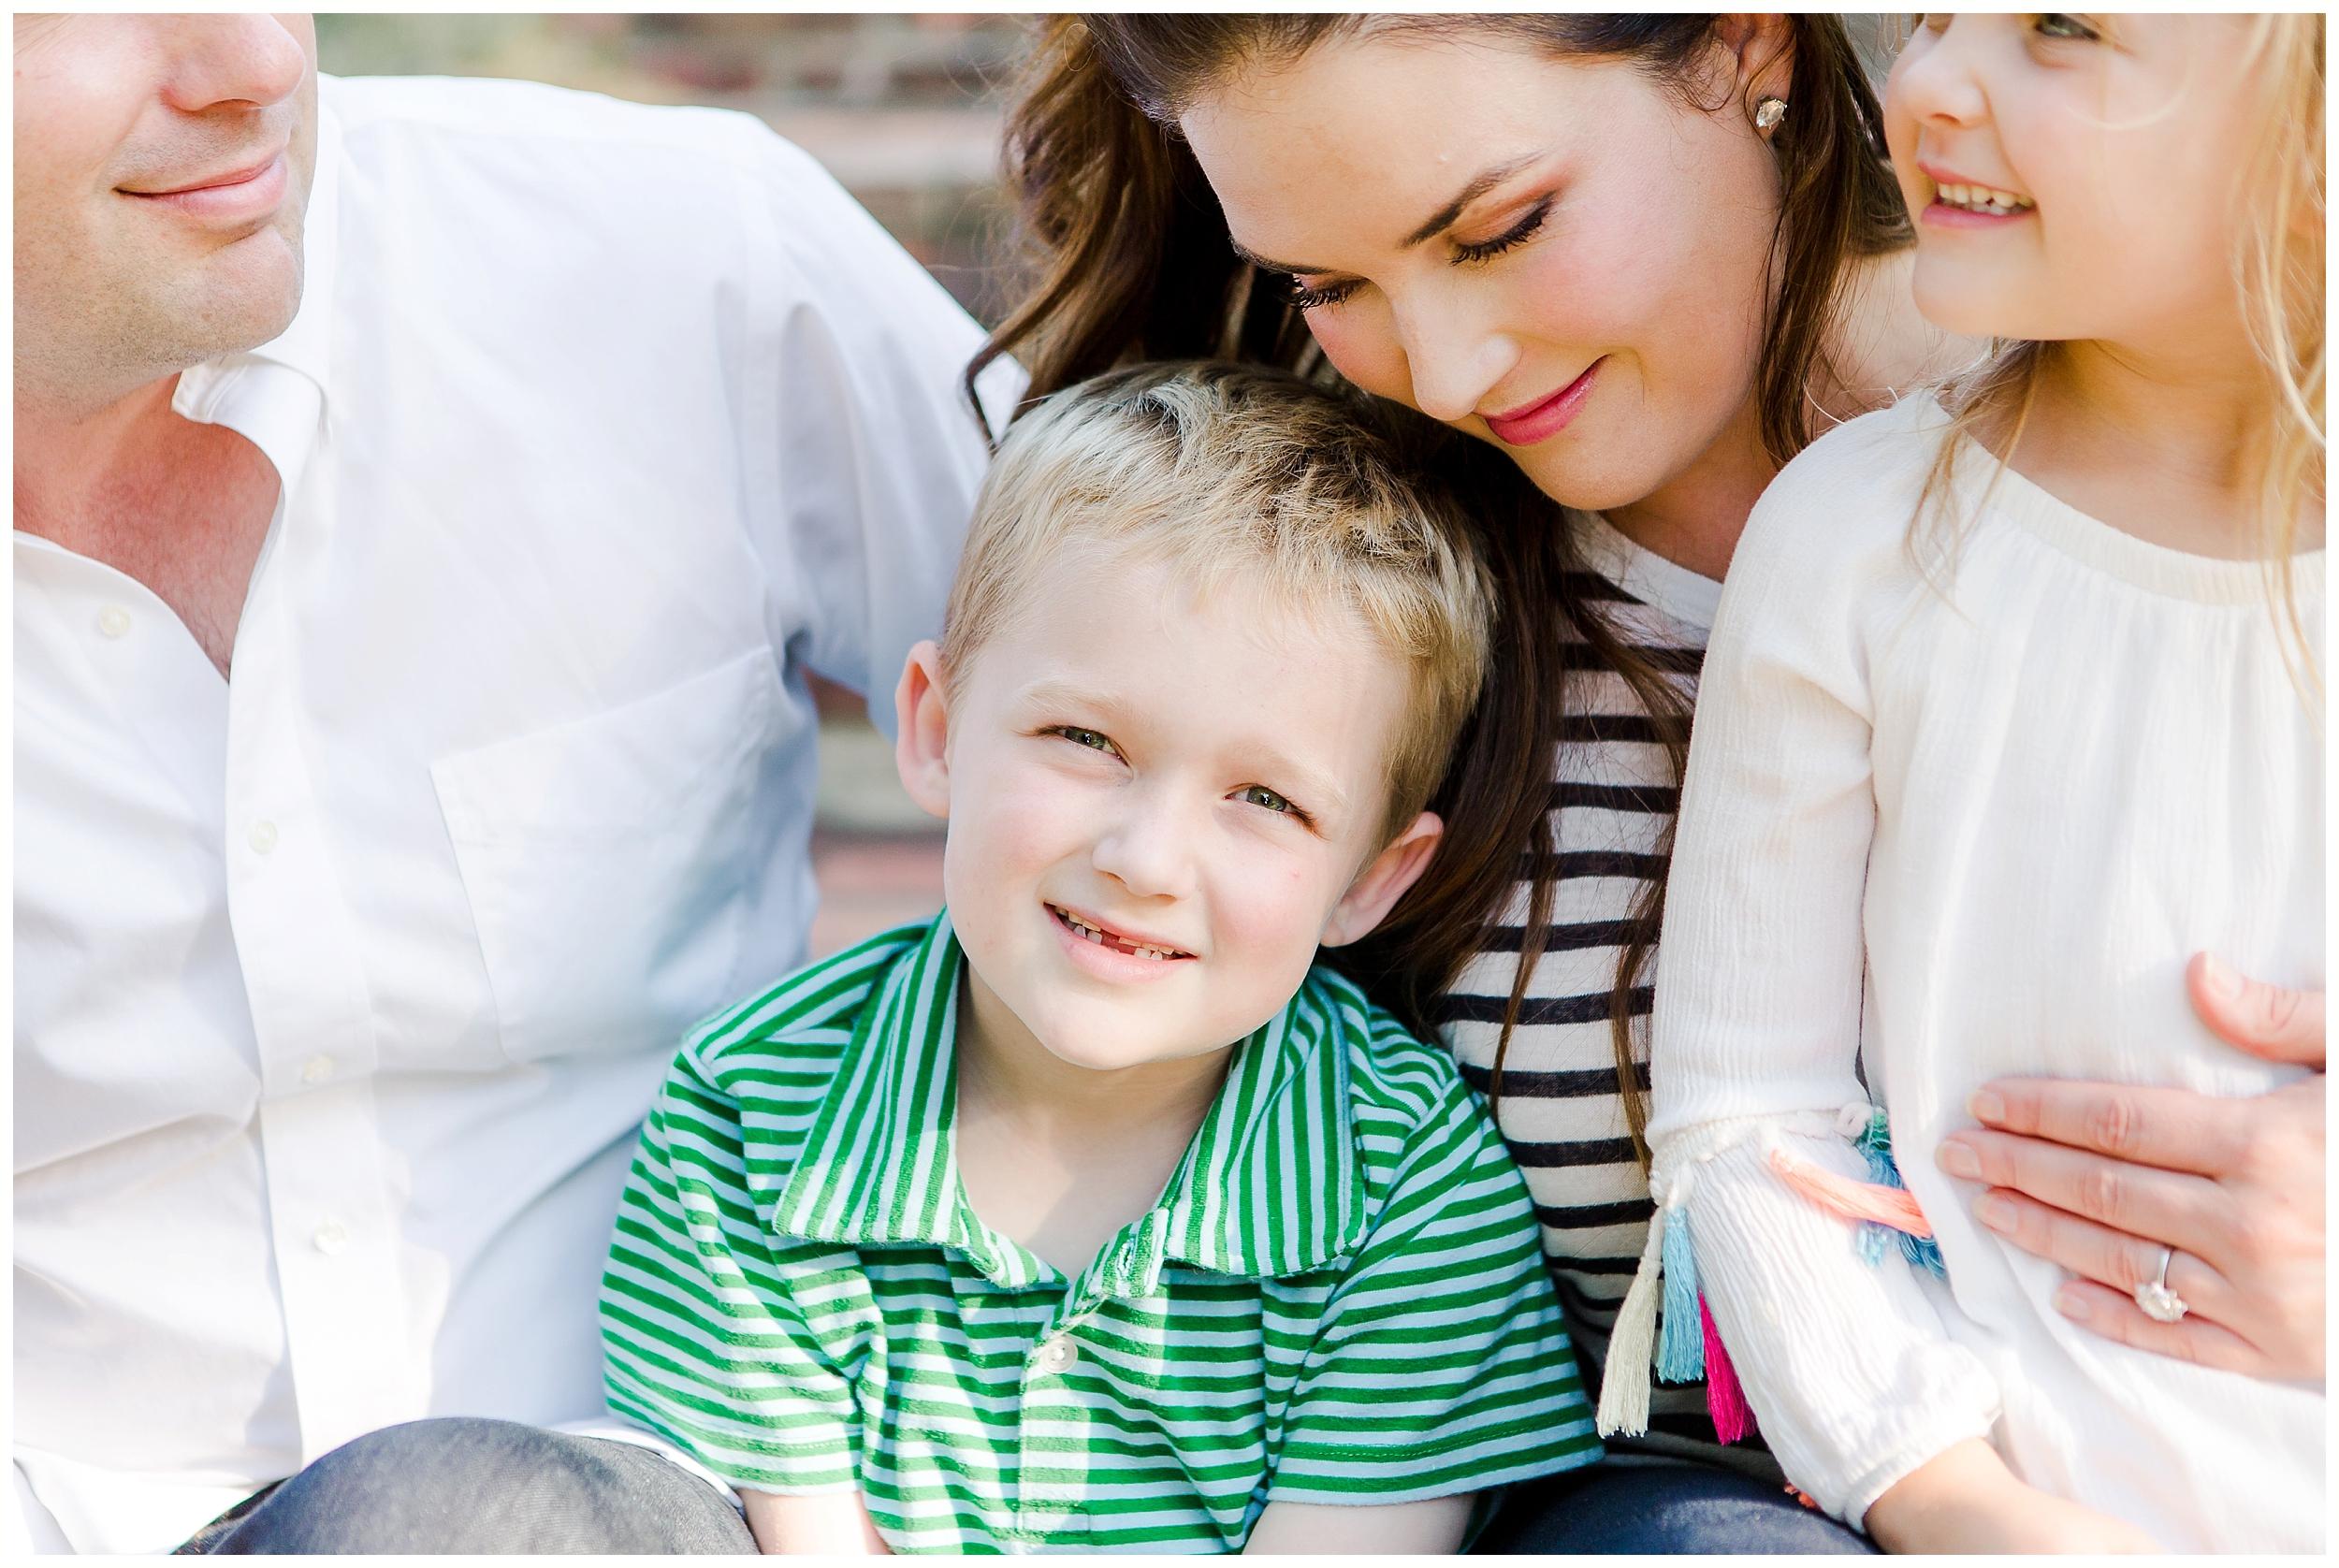 lexington-ky-family-lifestyle-photos-by-priscilla-baierlein_0053.jpg